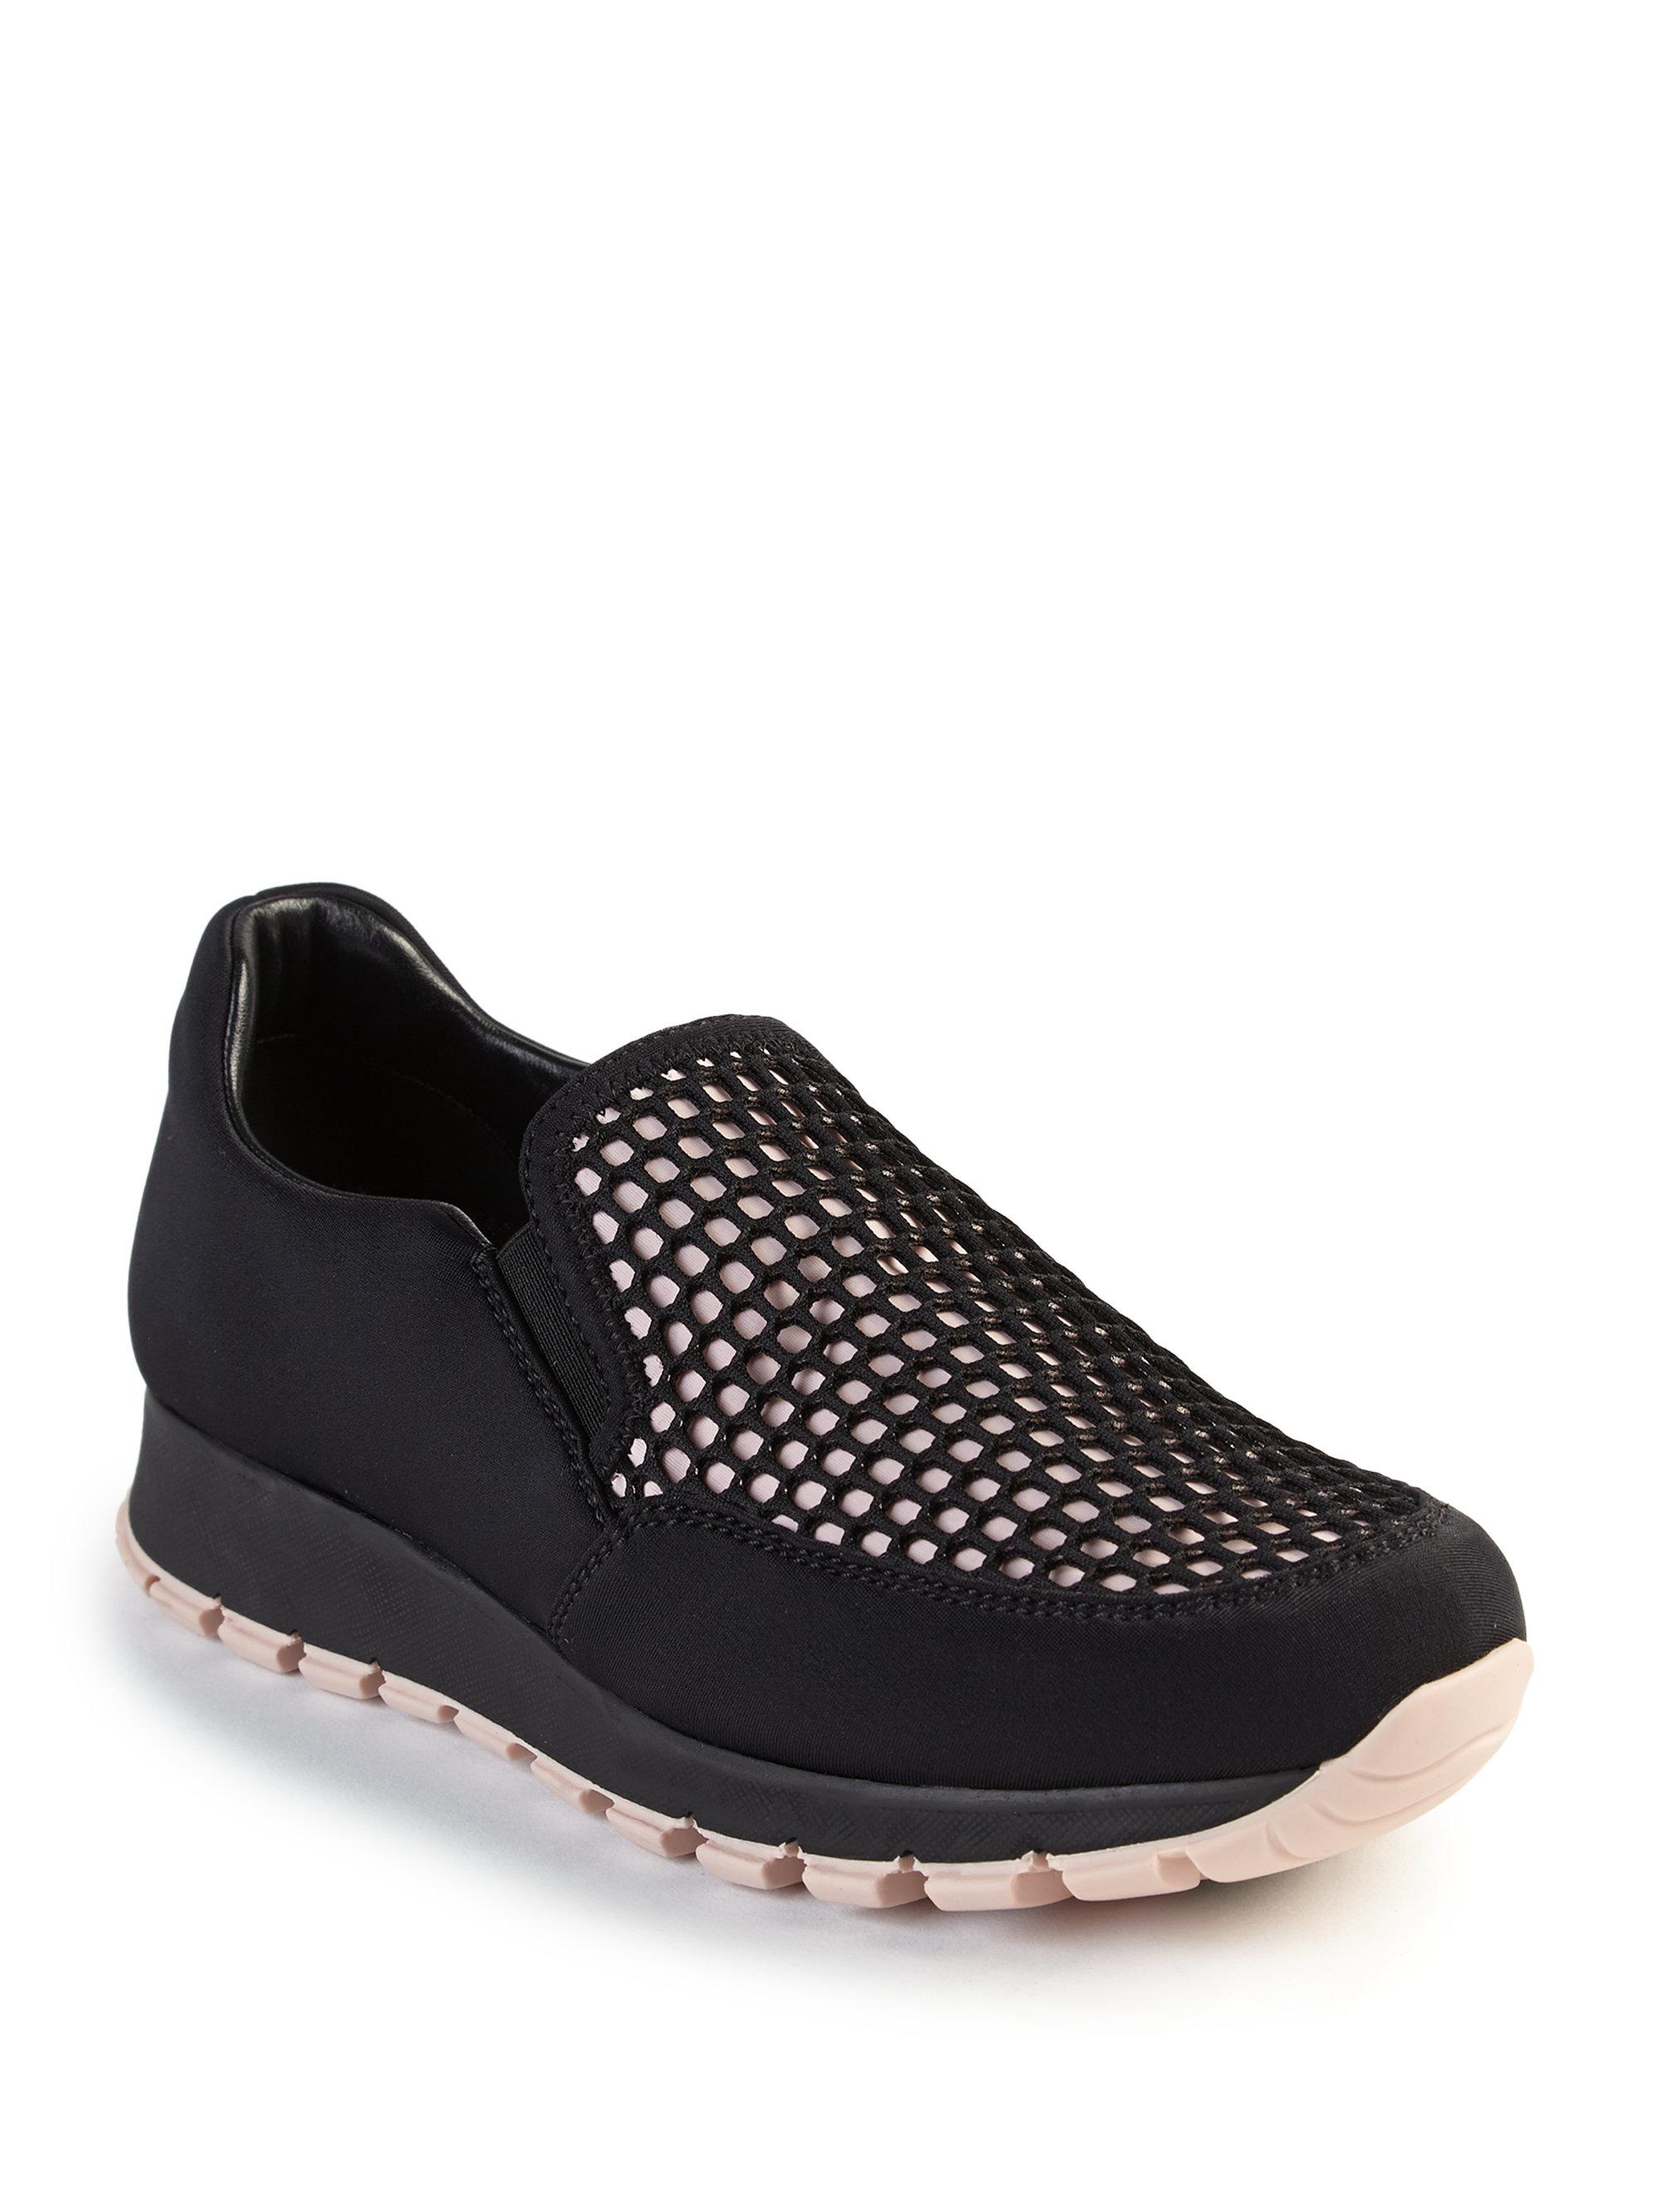 Prada Honeycomb Mesh Slip-on Sneakers in Black